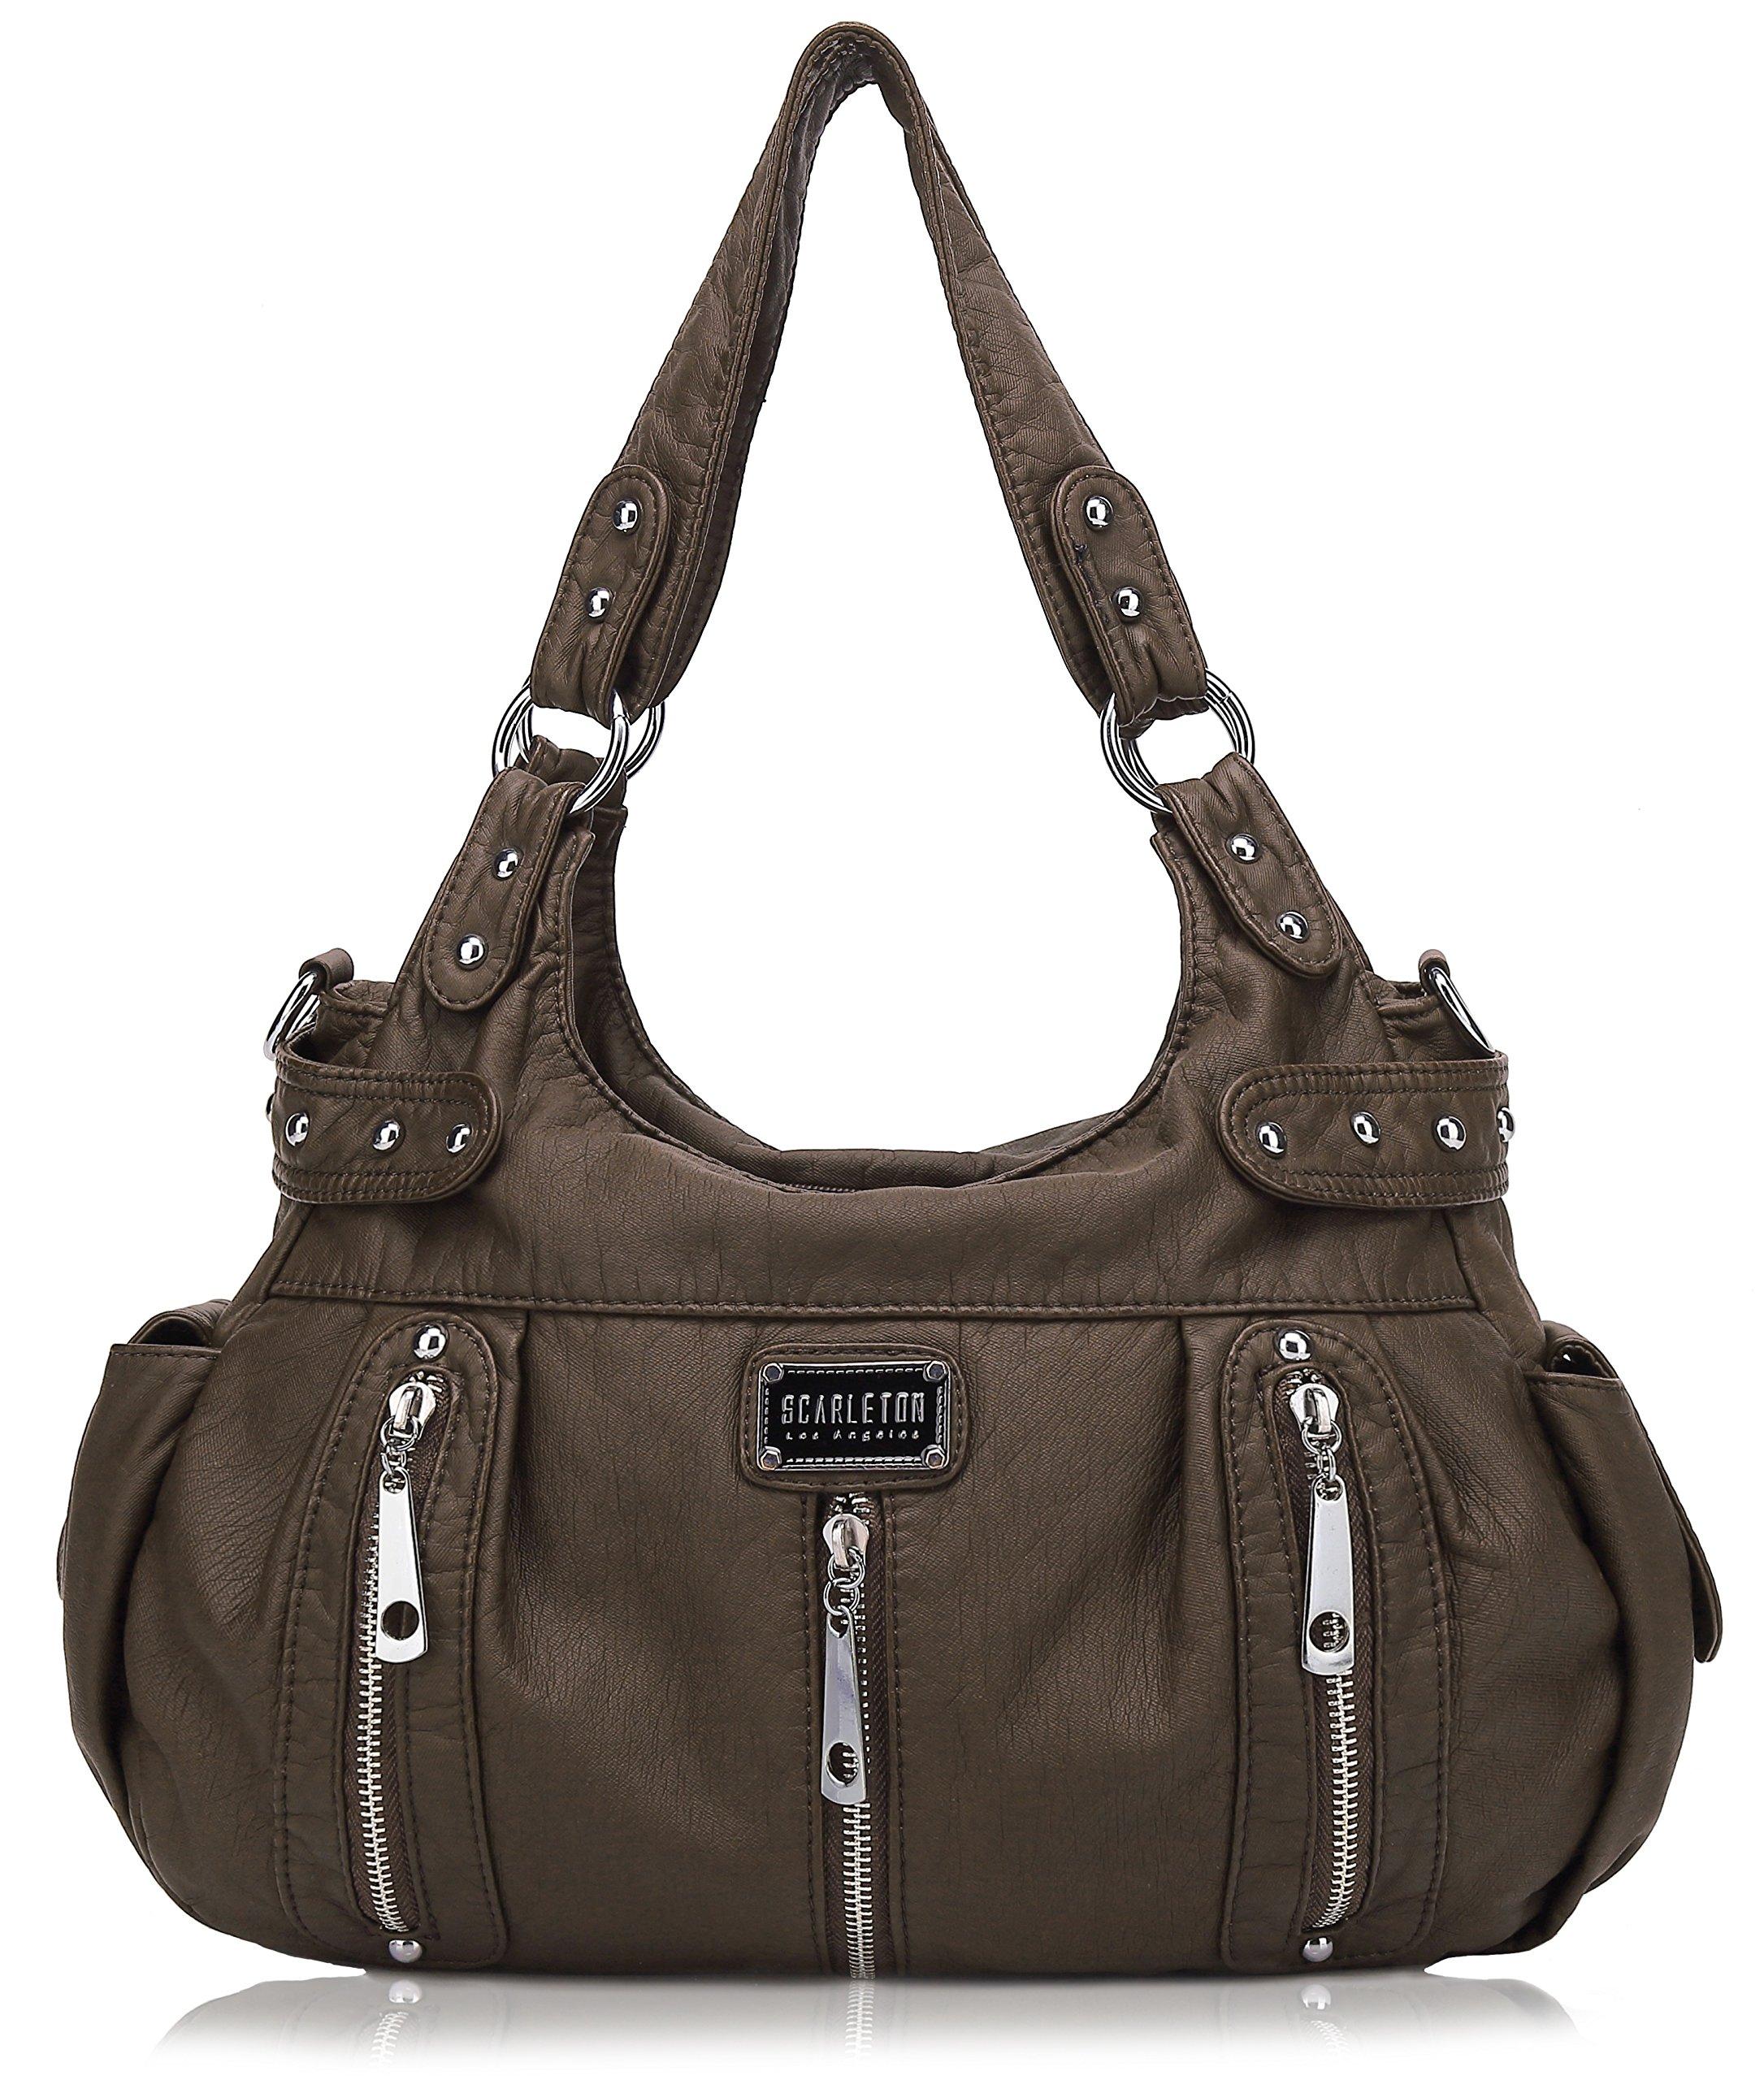 Scarleton 3 Front Zipper Shoulder Bag H129221 - Coffee